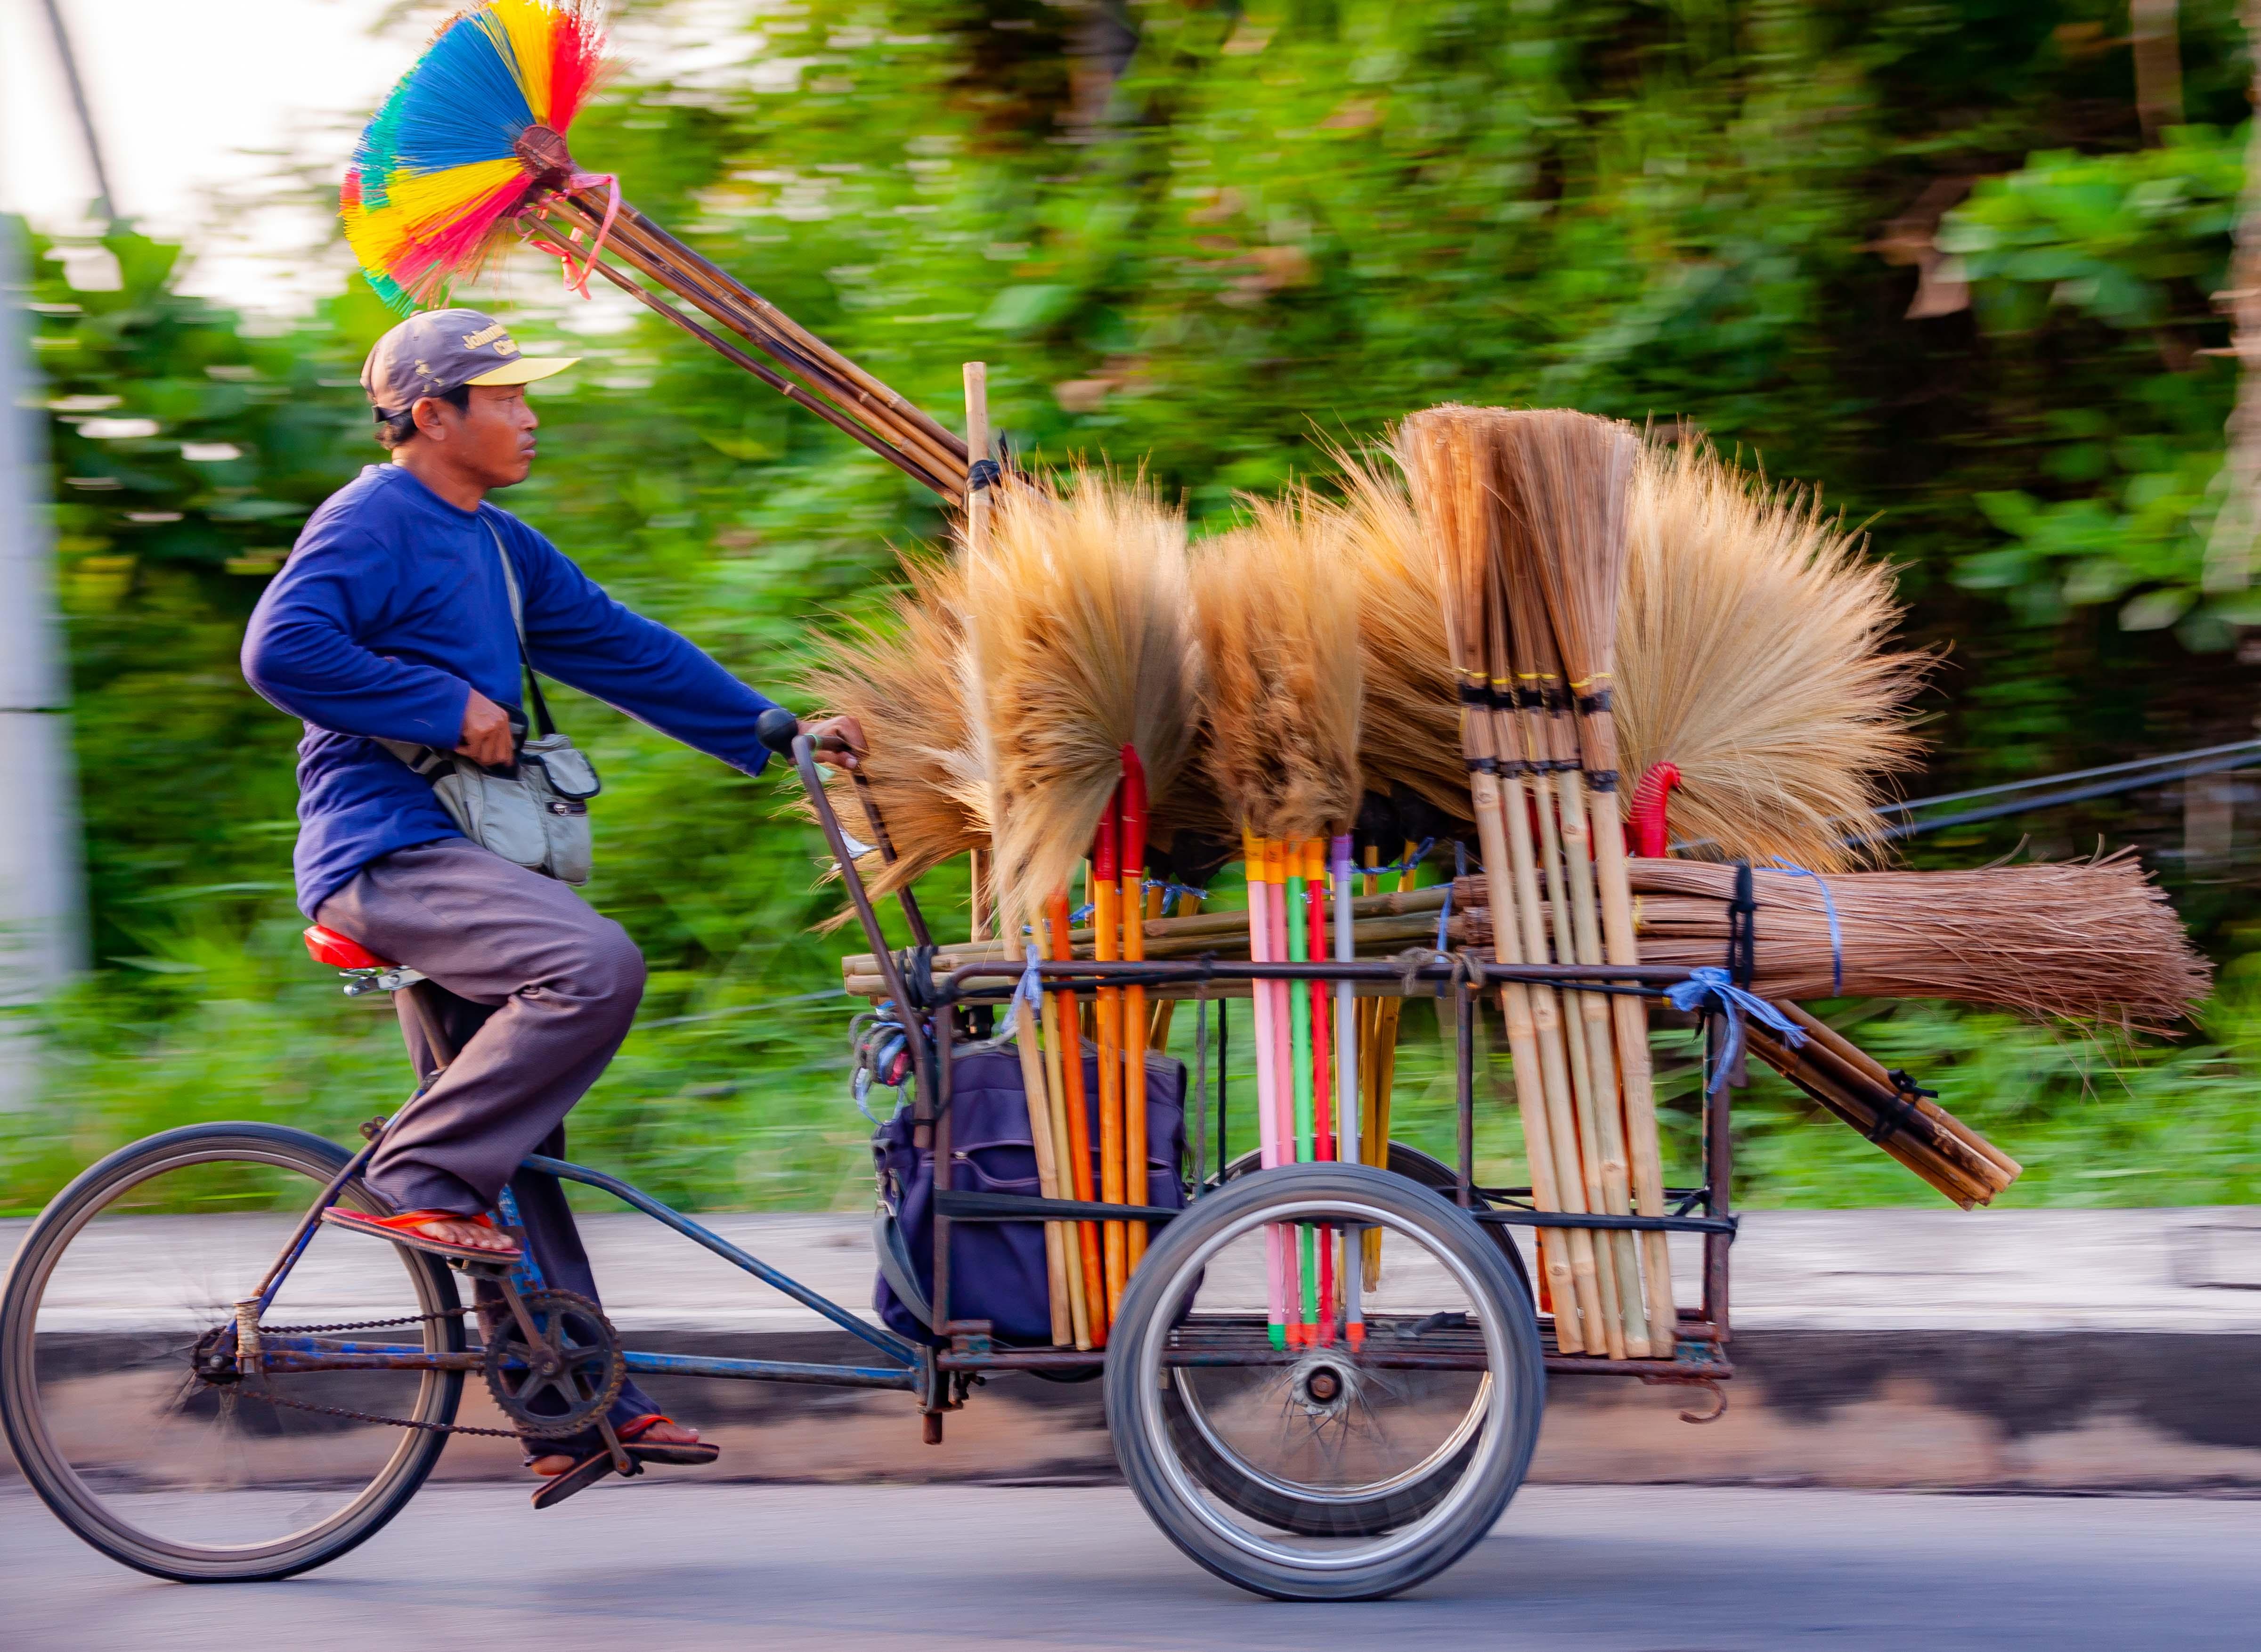 Thailand, Samut Songkhram Prov, Broom Cart, 2008, IMG 1312